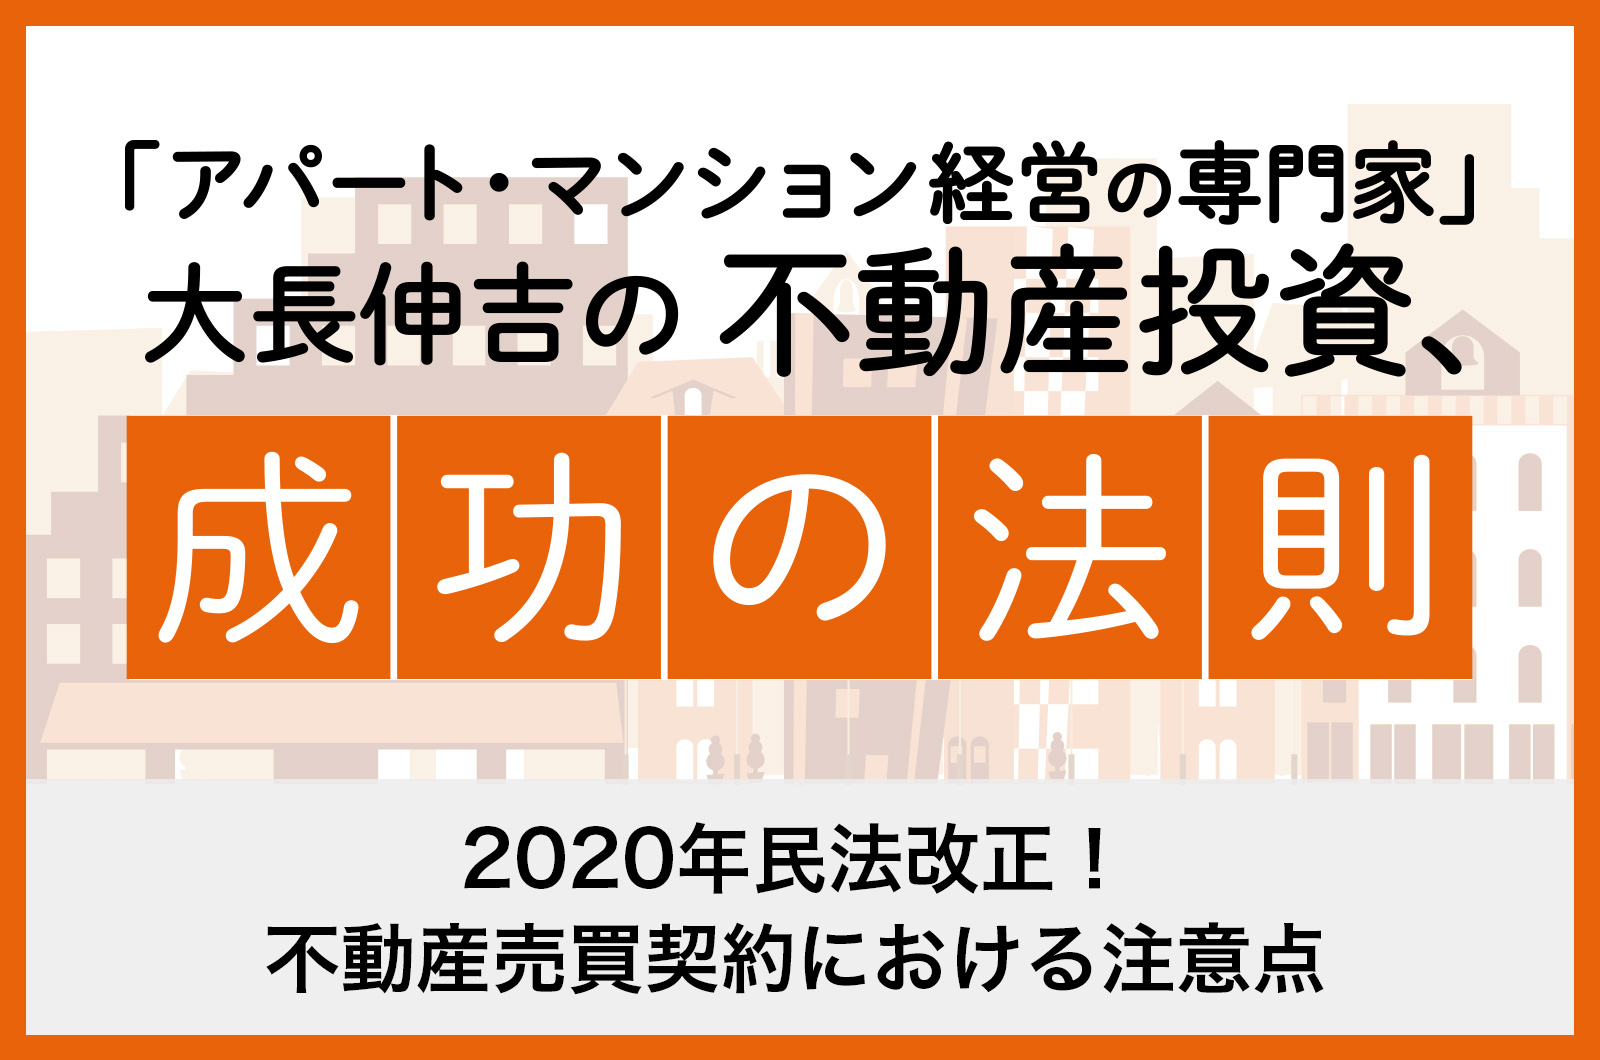 2020年民法改正!不動産売買契約における注意点